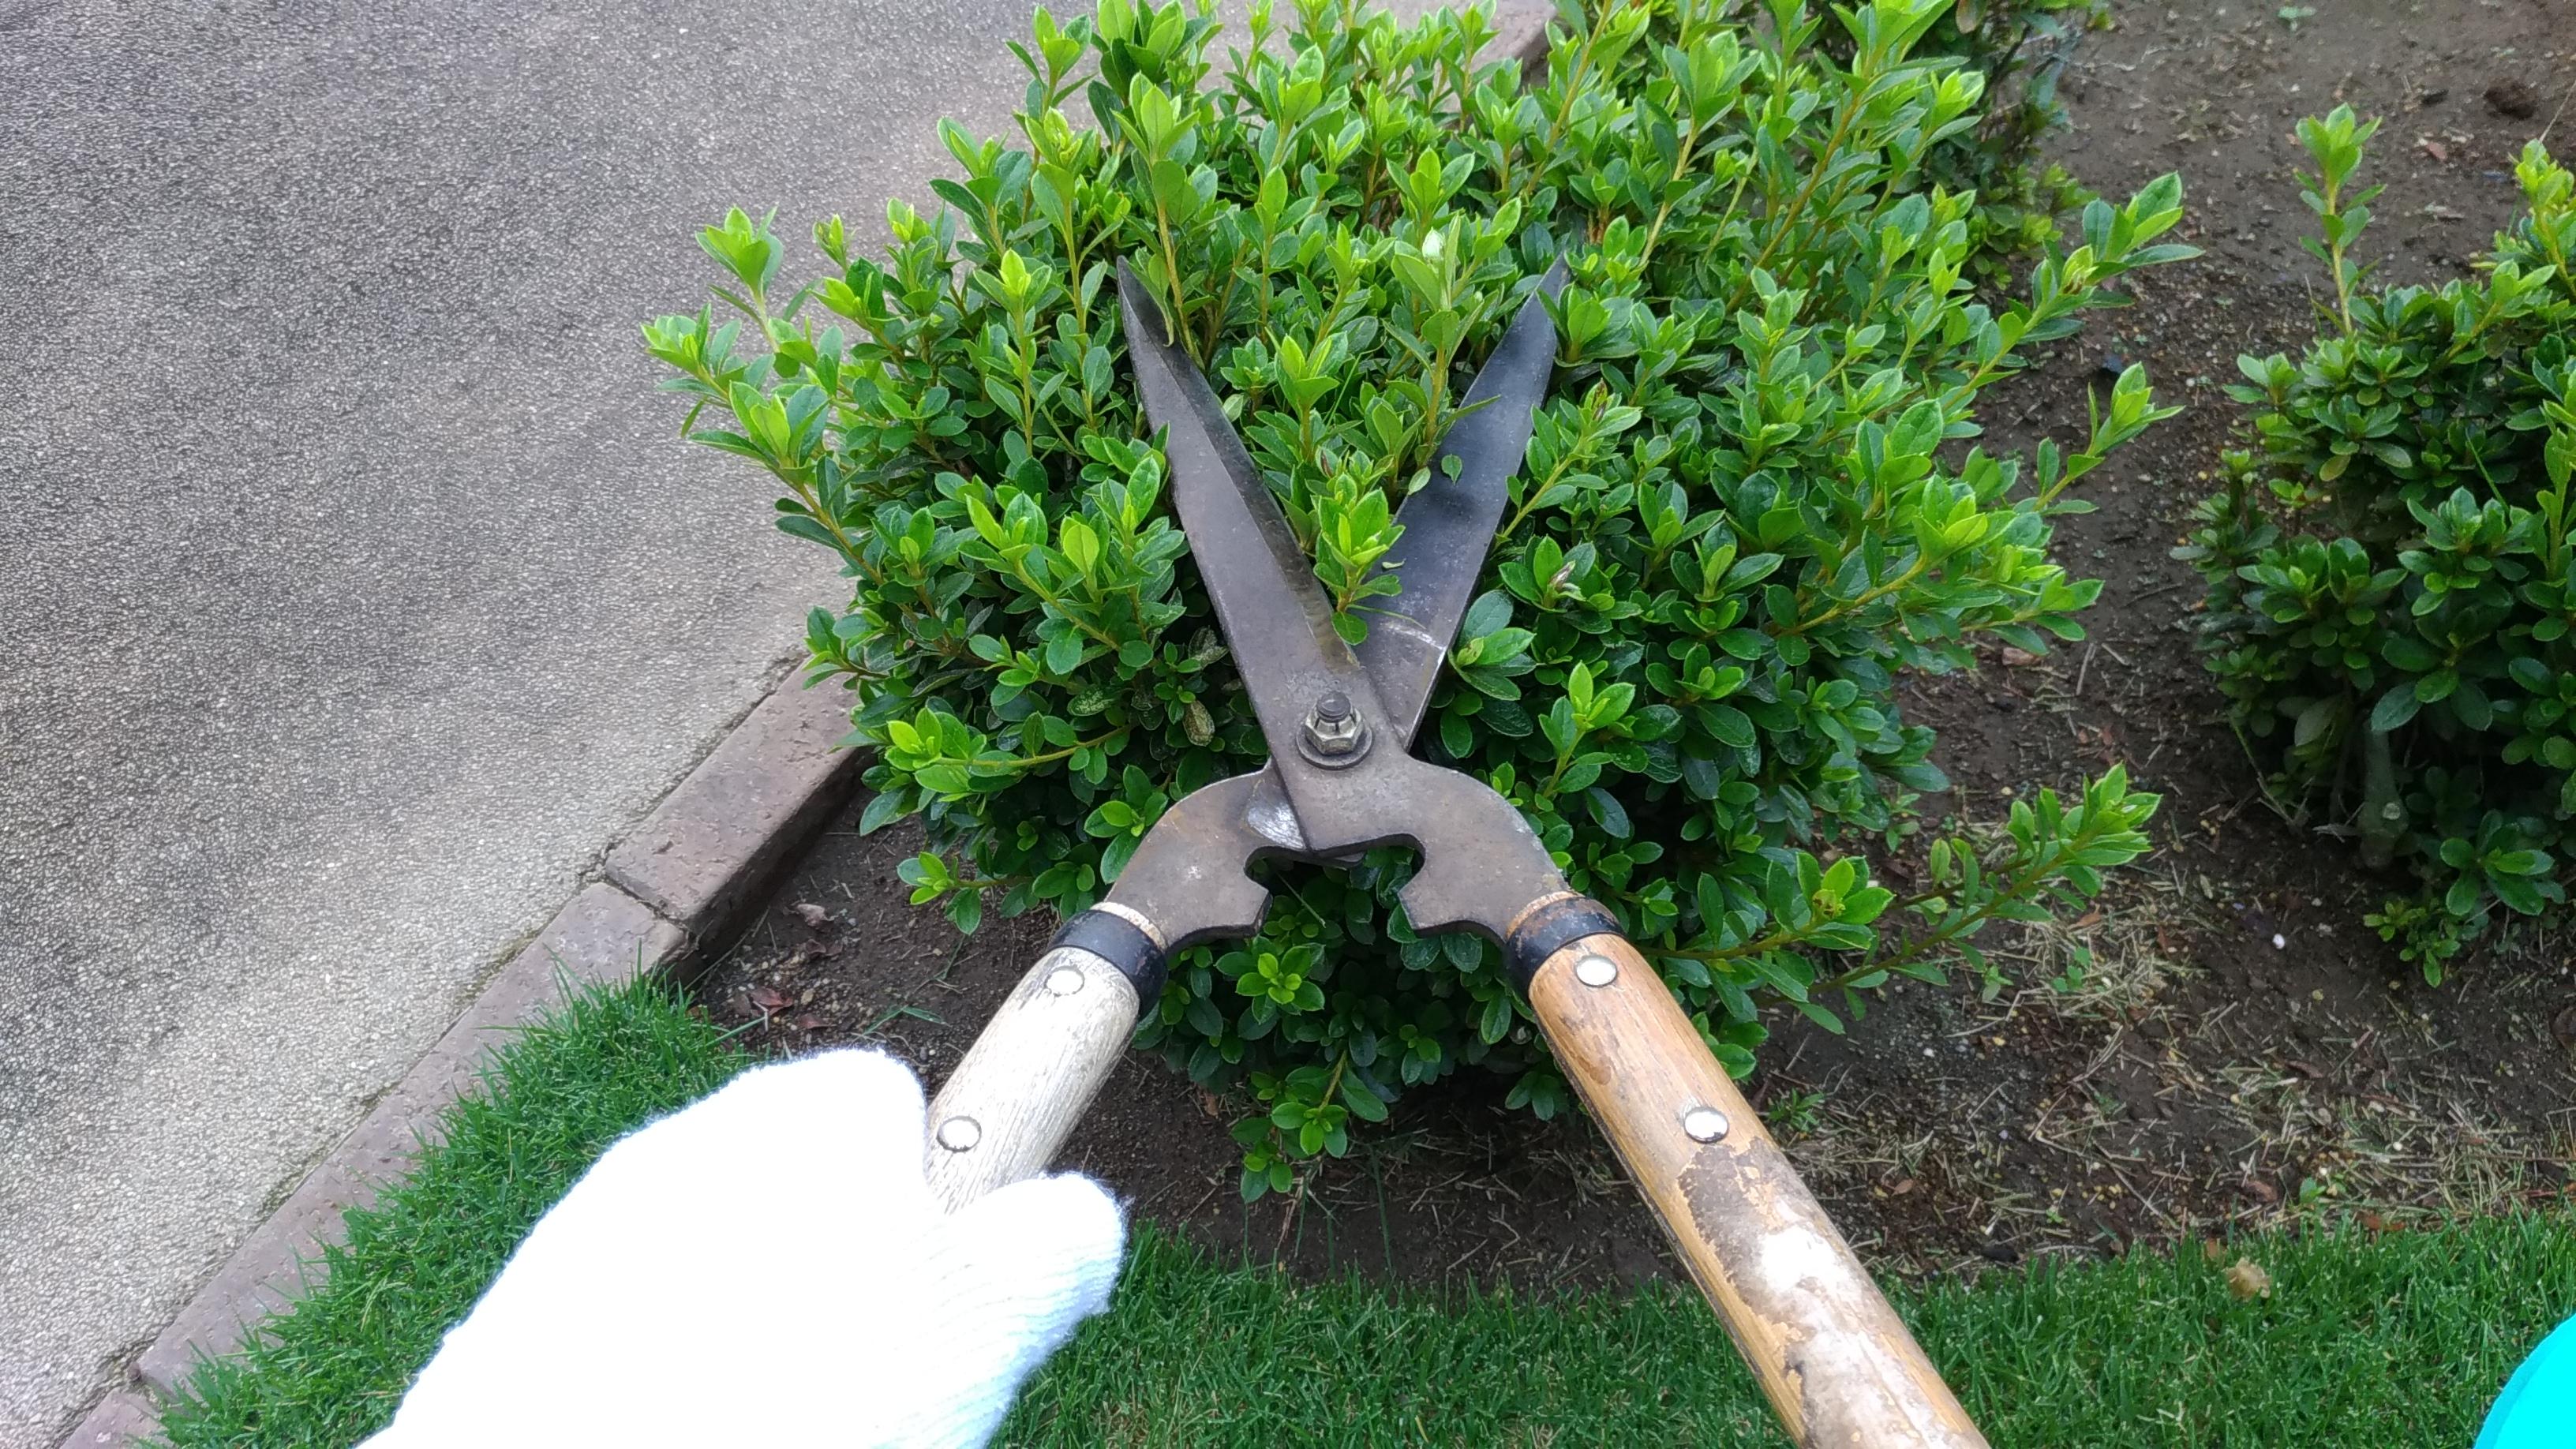 剪定バサミの刃研ぎ&ツツジの剪定😄